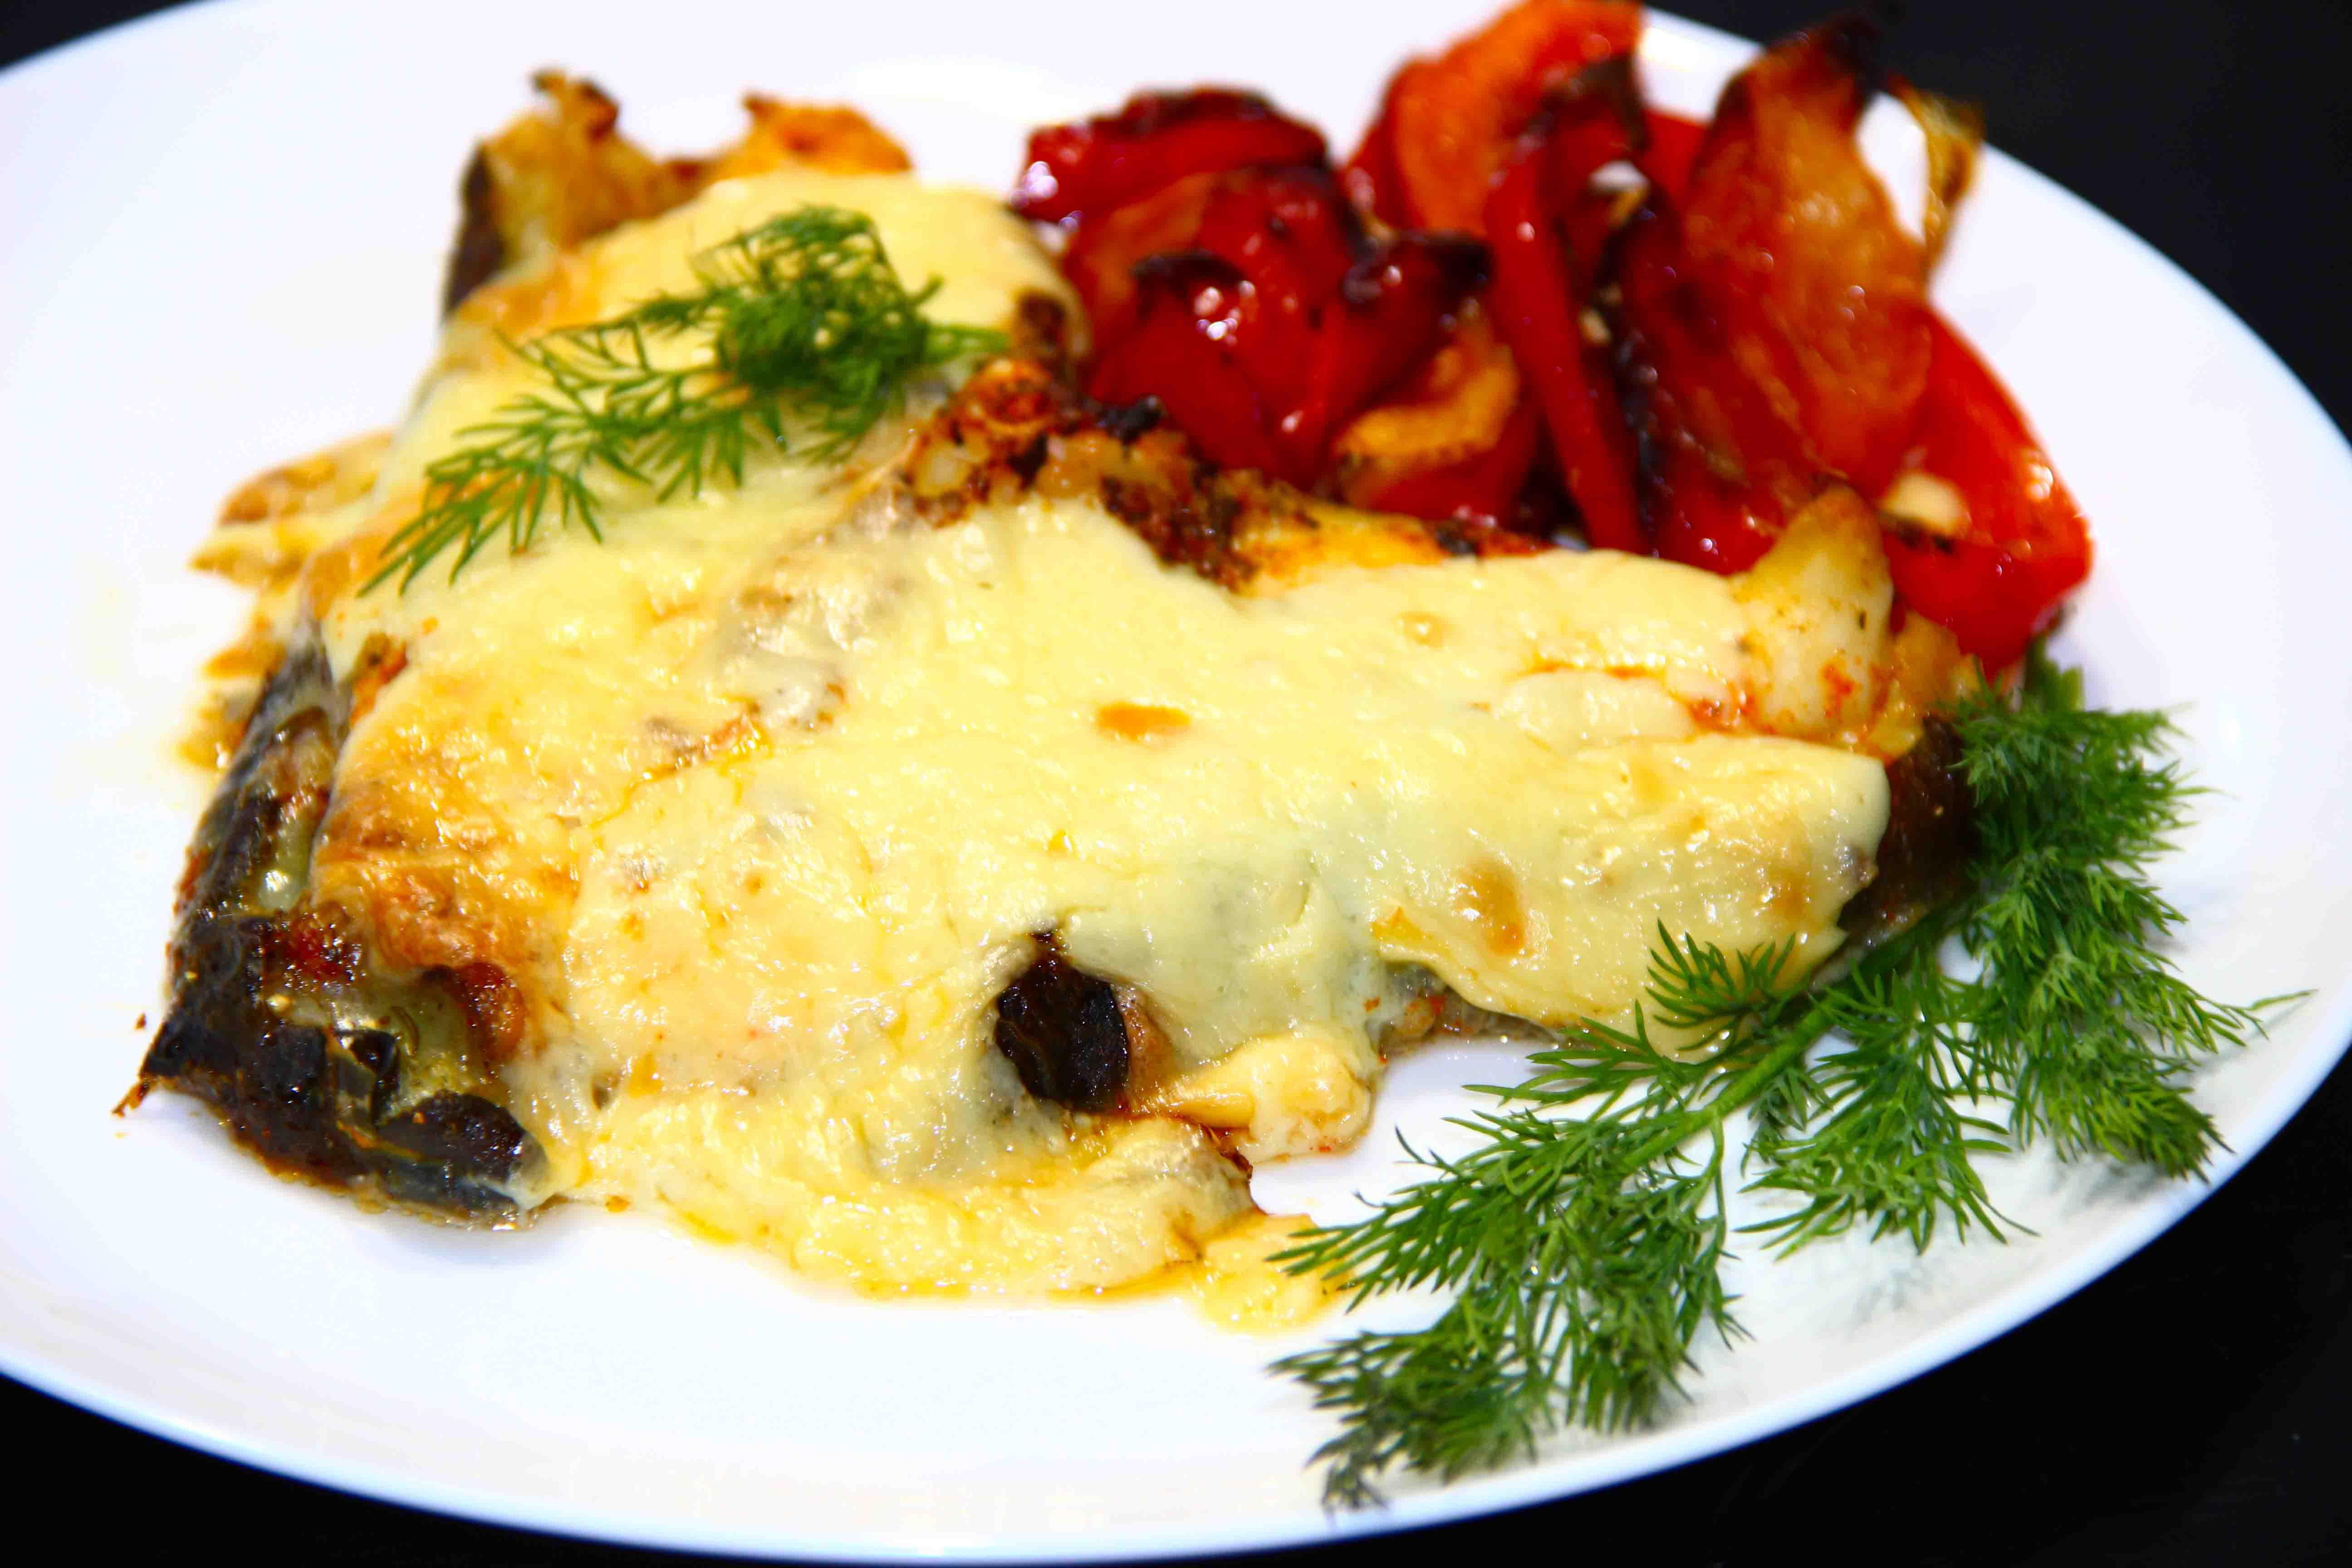 Запеченная рыба с рисом и сыром в духовке - вкусно и сытно